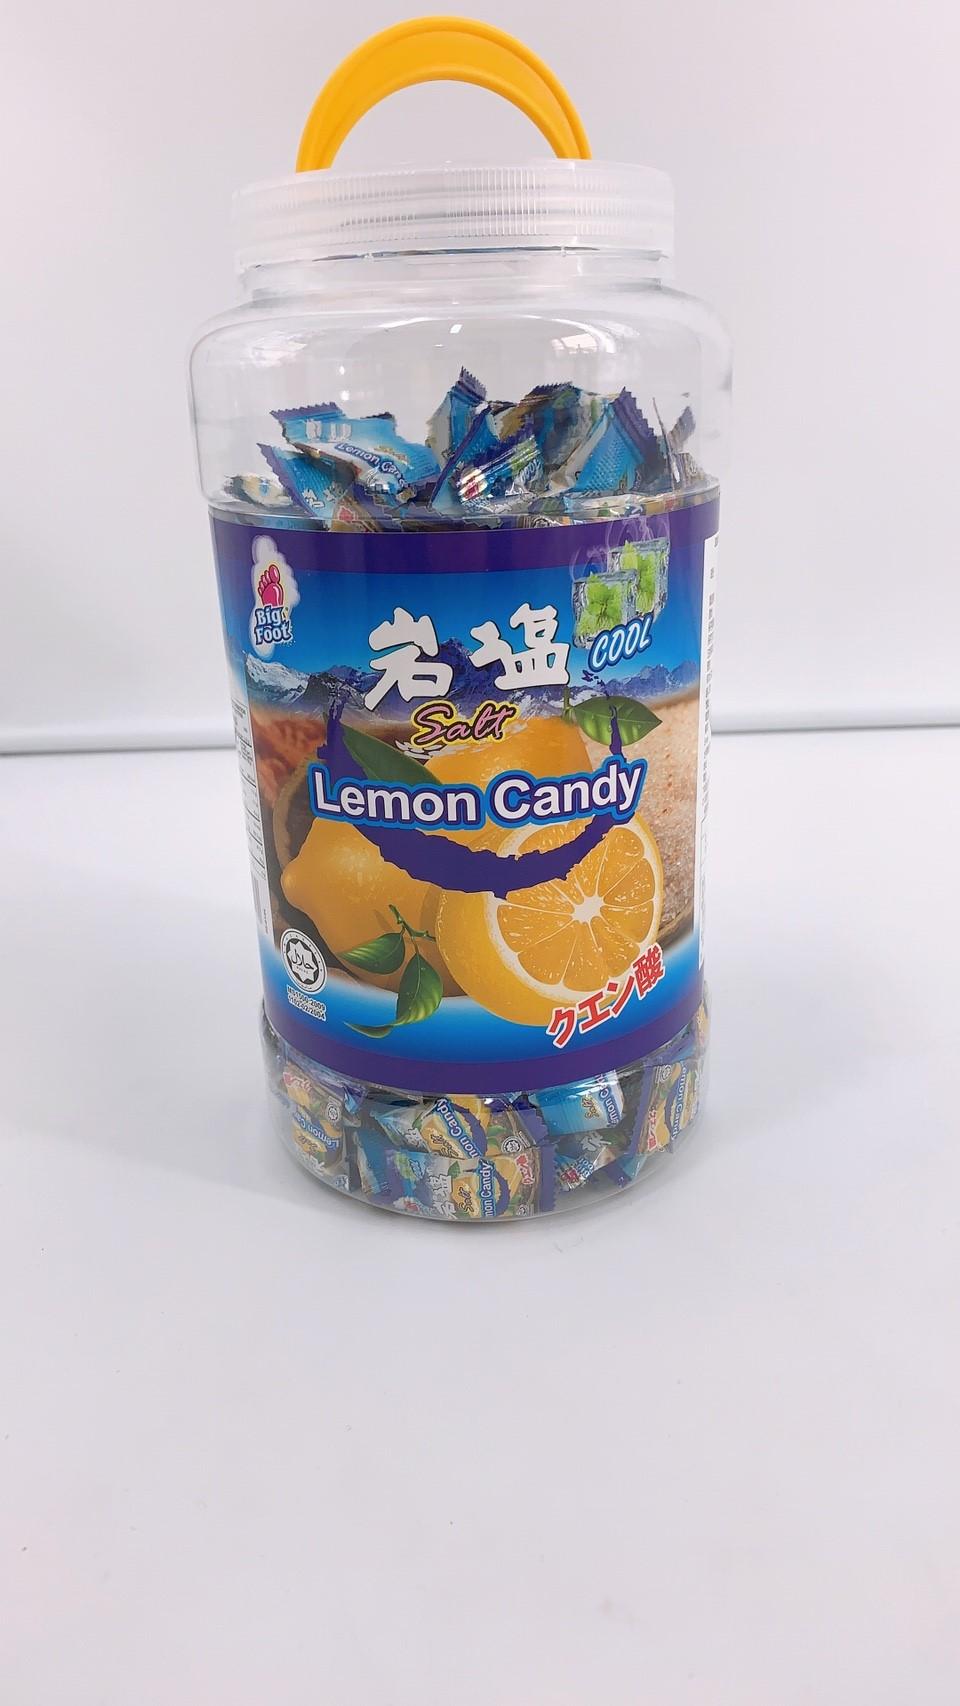 好市多 BF 薄荷岩鹽檸檬糖 桶裝 糖果 900克 香甜 微涼 提神 超取限四罐